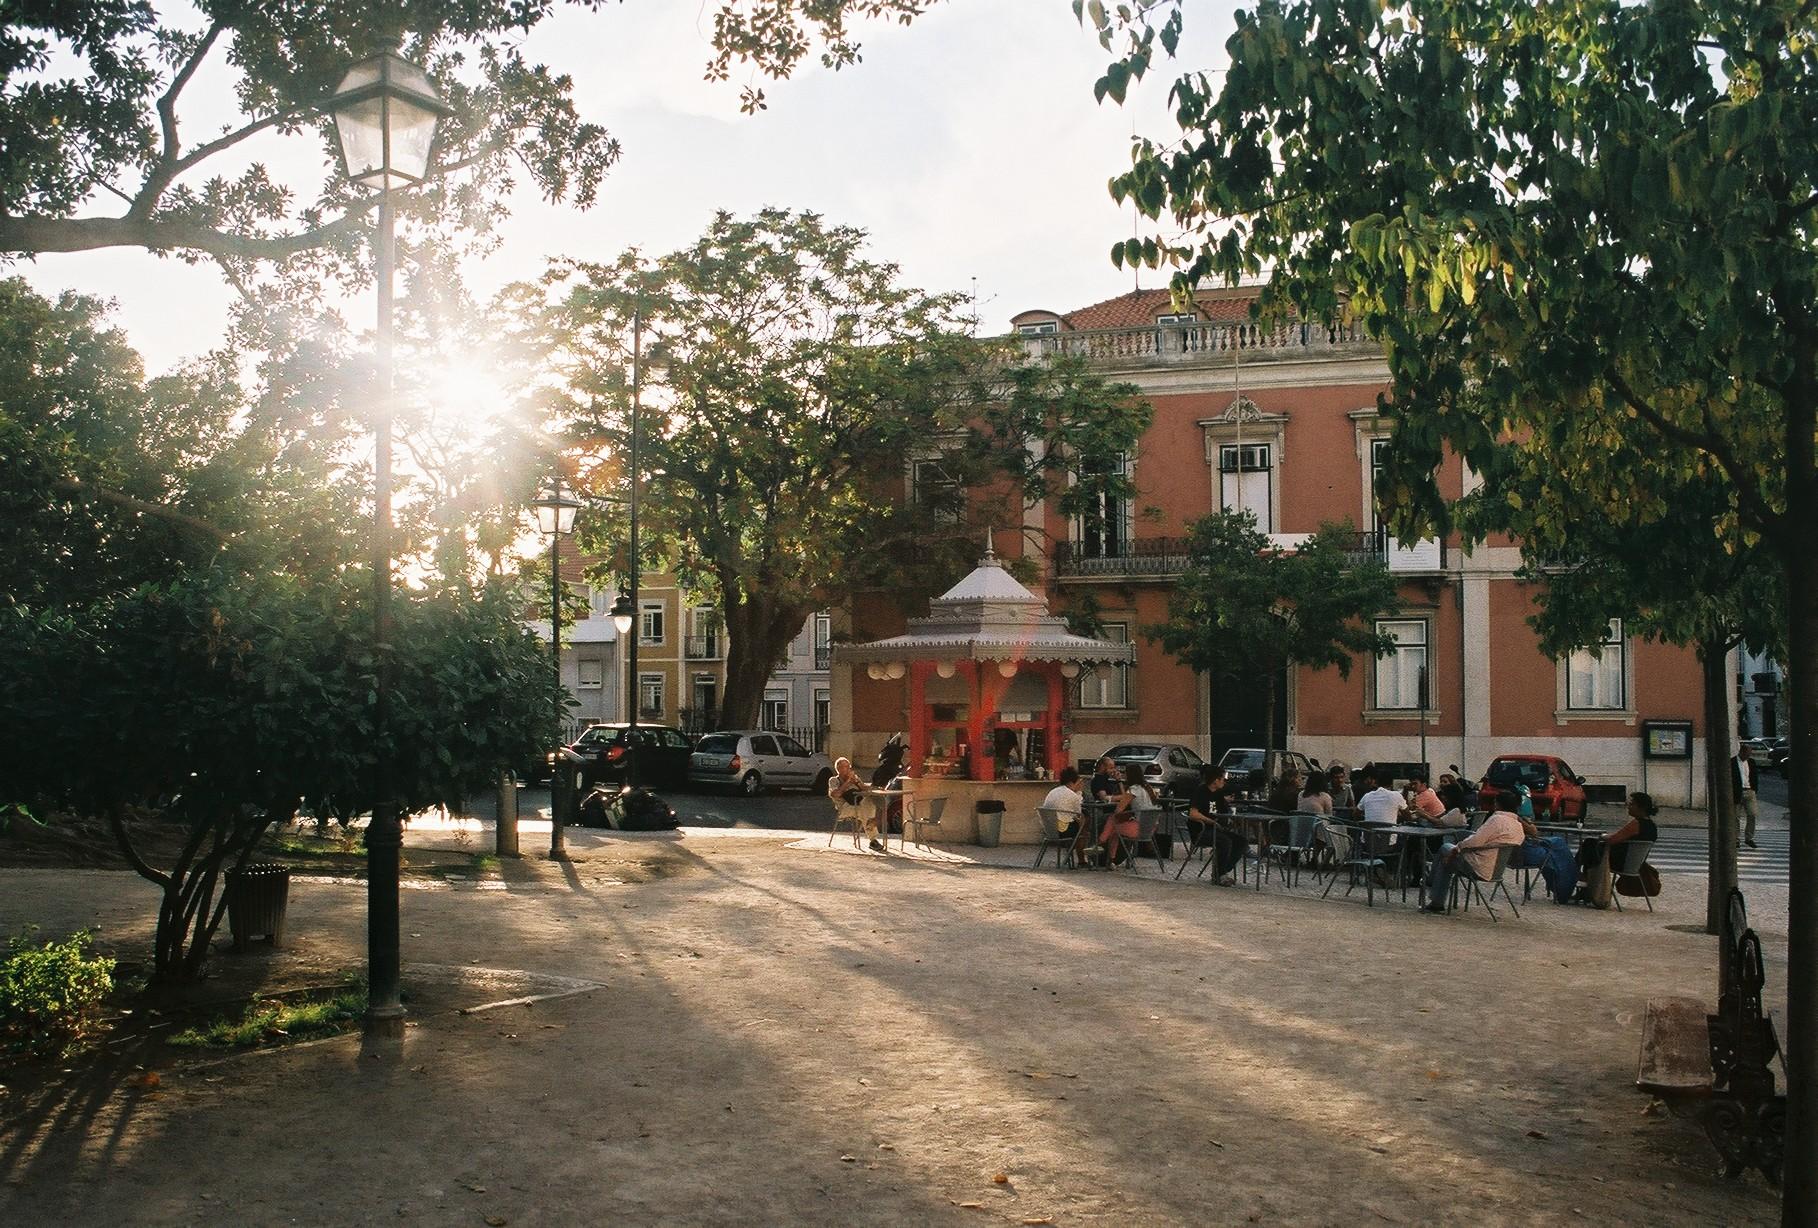 Takmer každá ulička ukrýva bary, kaviarne a reštaurácie (zdroj: Barbora Adamková).